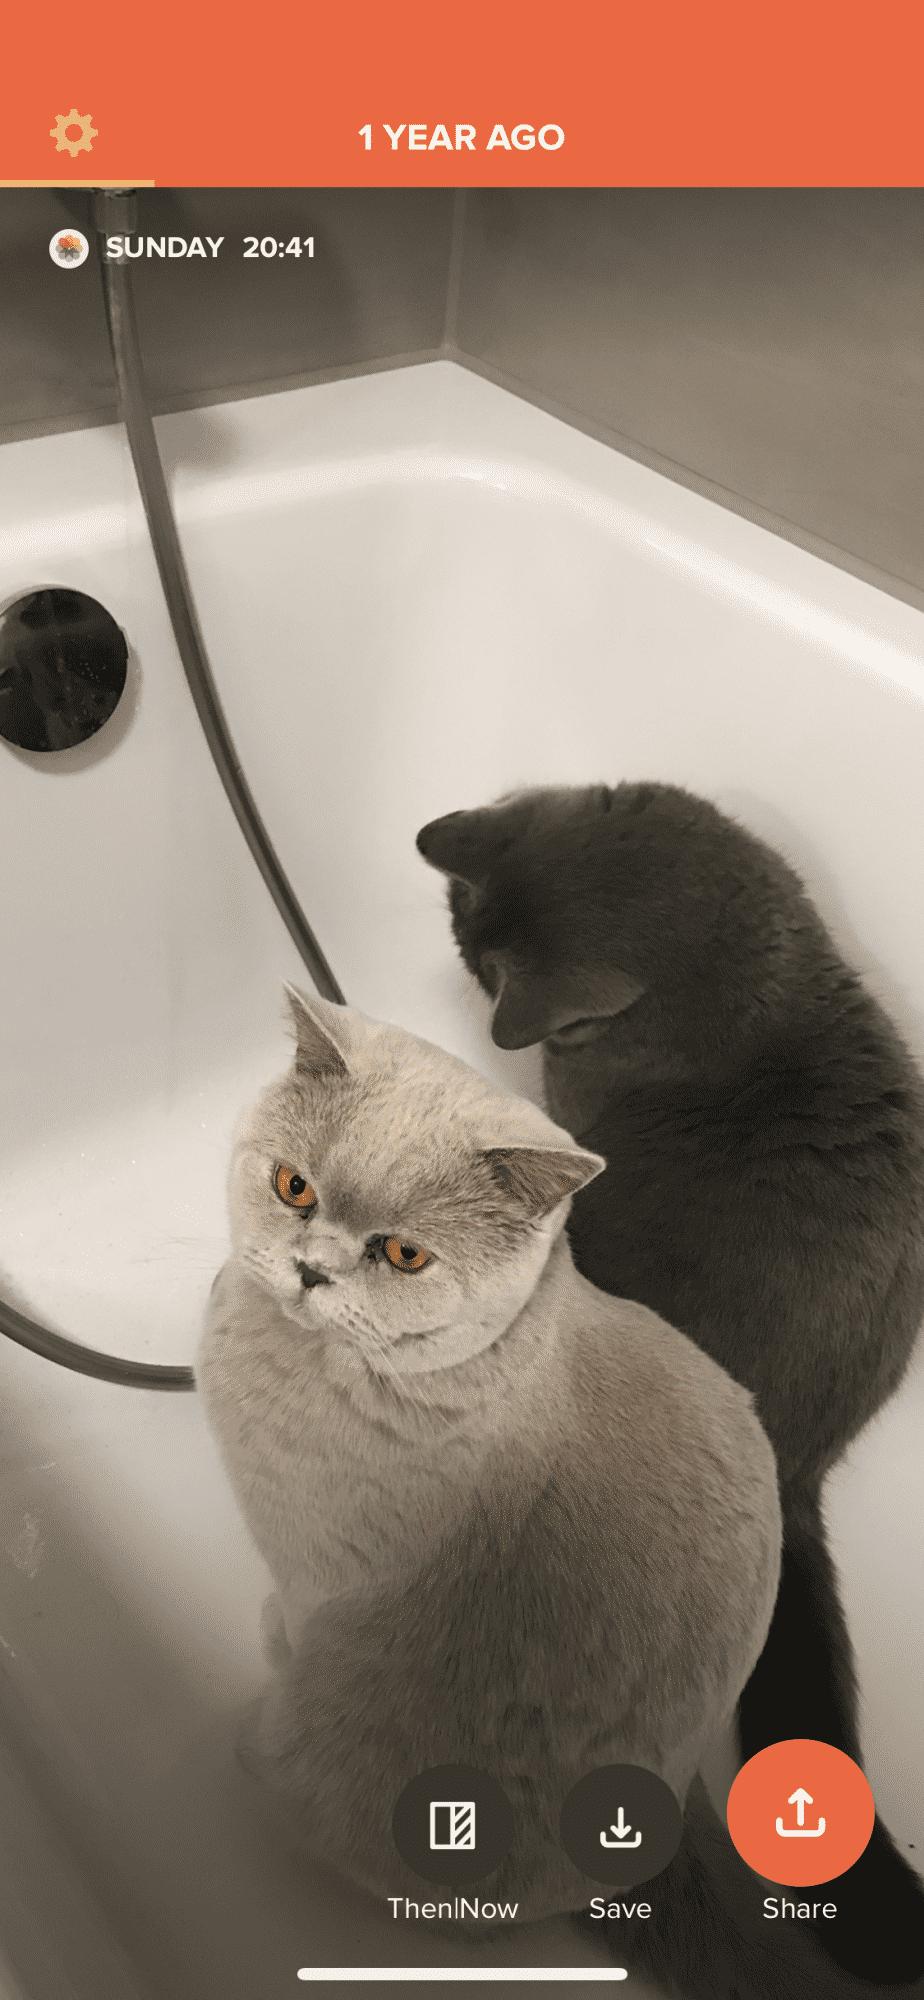 Facebook weiß, dass der Redakteur im letzten Winter seine Katzen in die Badewanne gelassen hat. Time Hop erinnert ihn spielerisch daran.